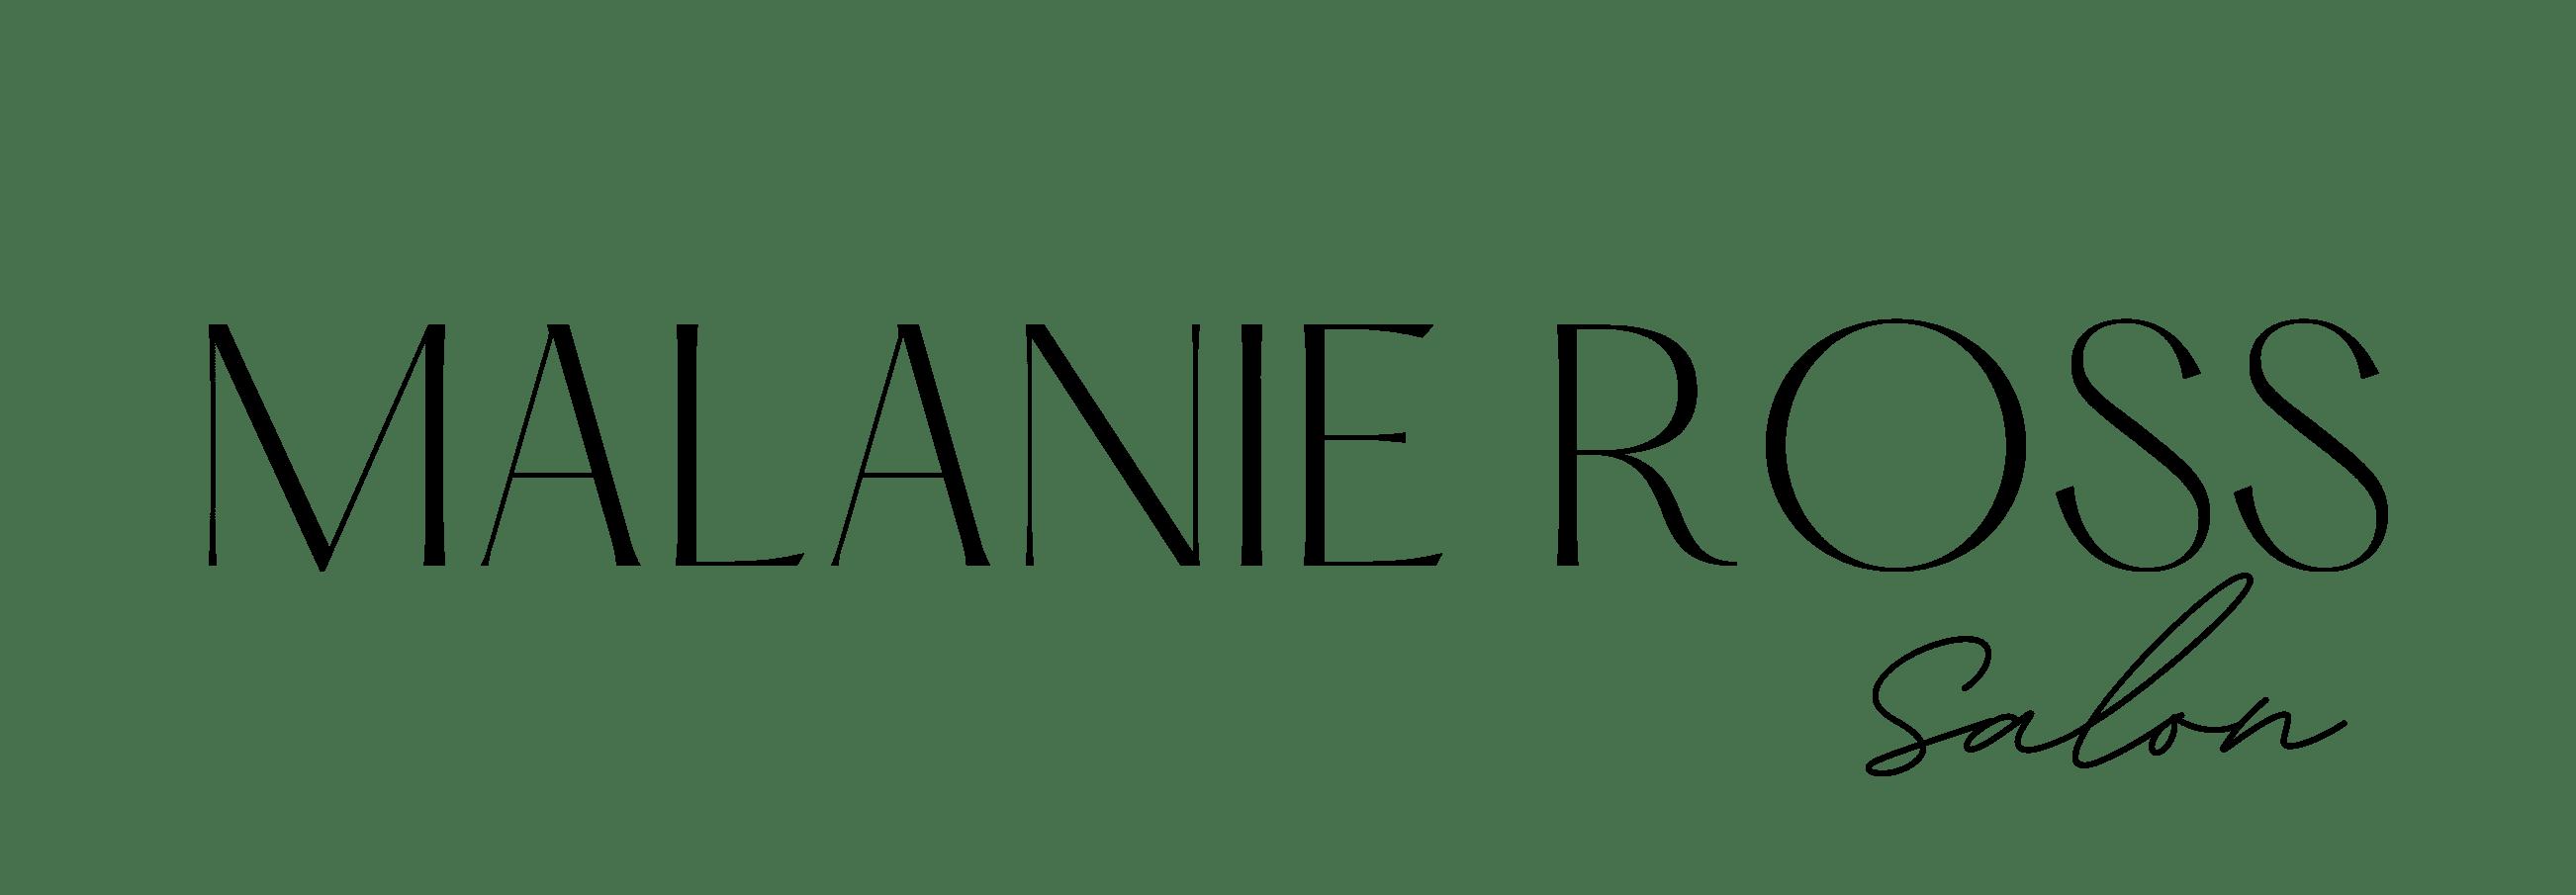 Malanie Ross